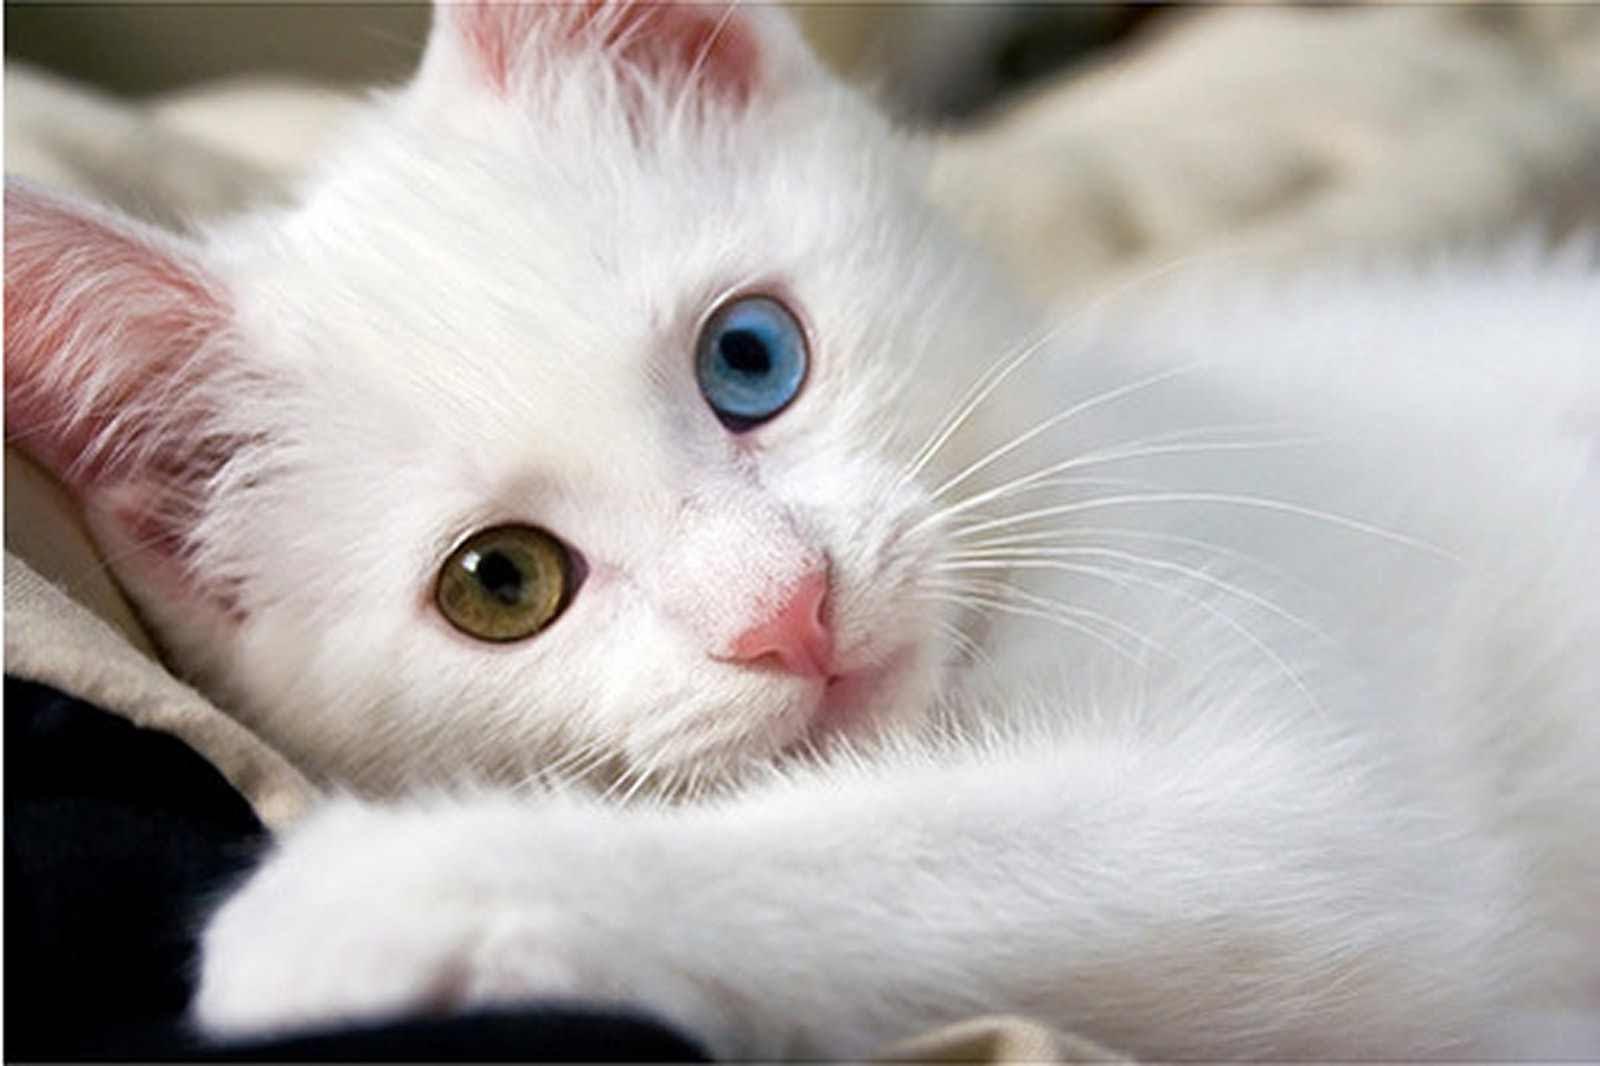 اجمل الصور للقطط في العالم احلي صور قطط حبيبي